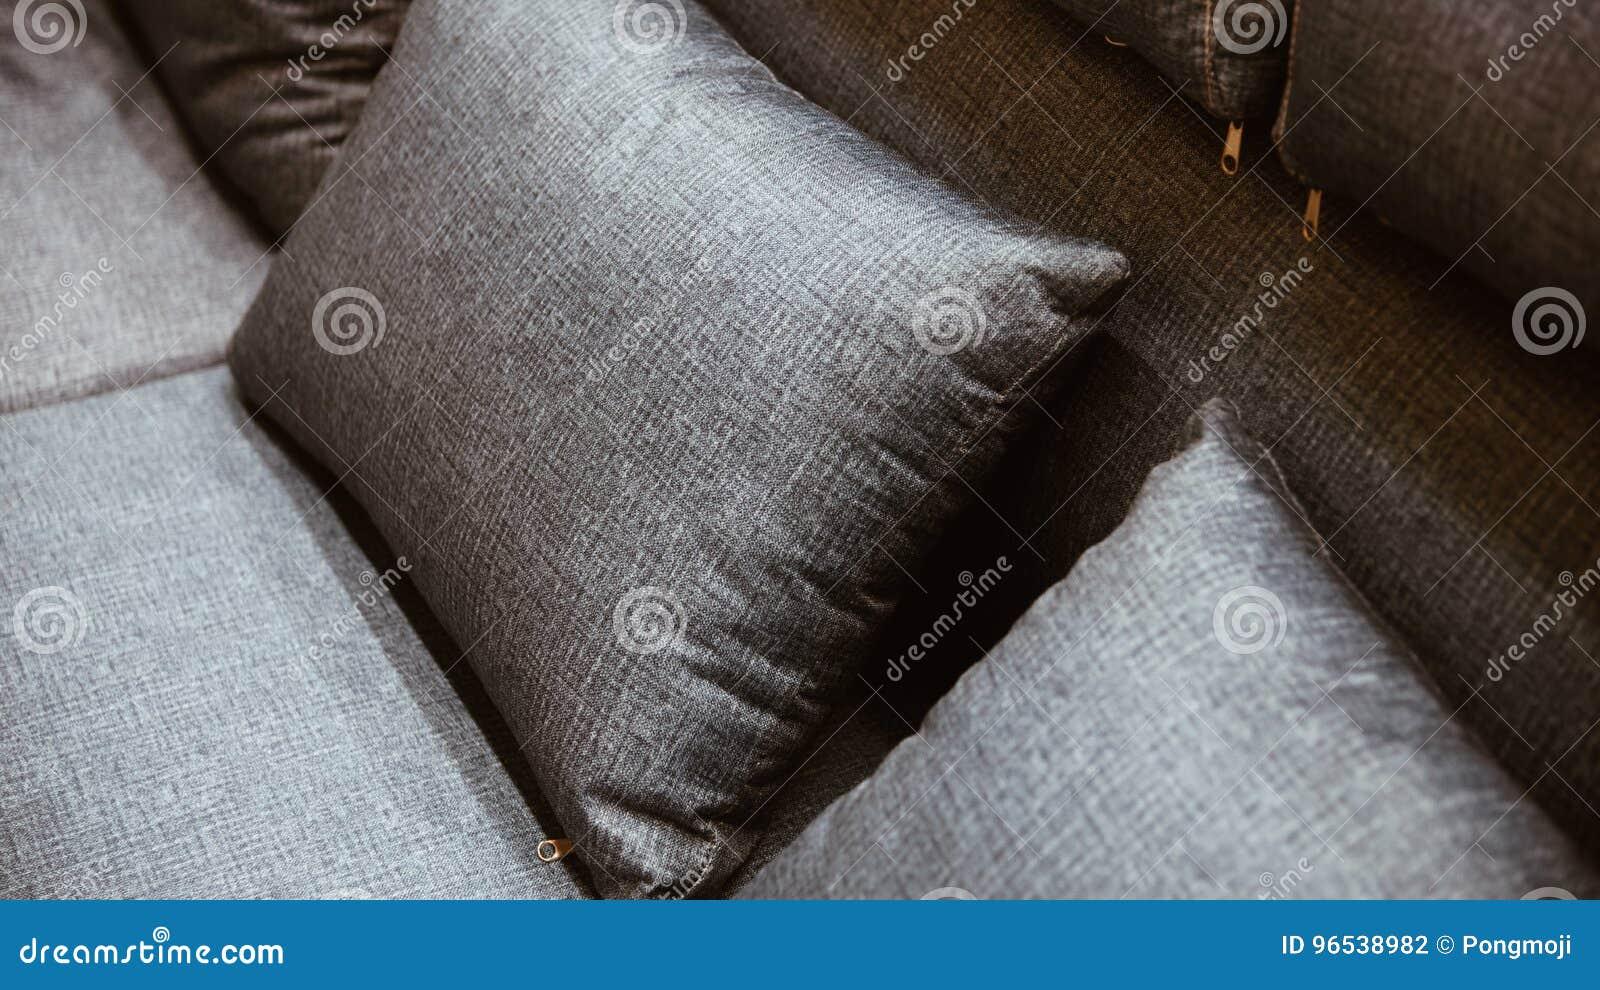 hoofdkussen grijze kleur op bed bruin of beige in slaapkamer